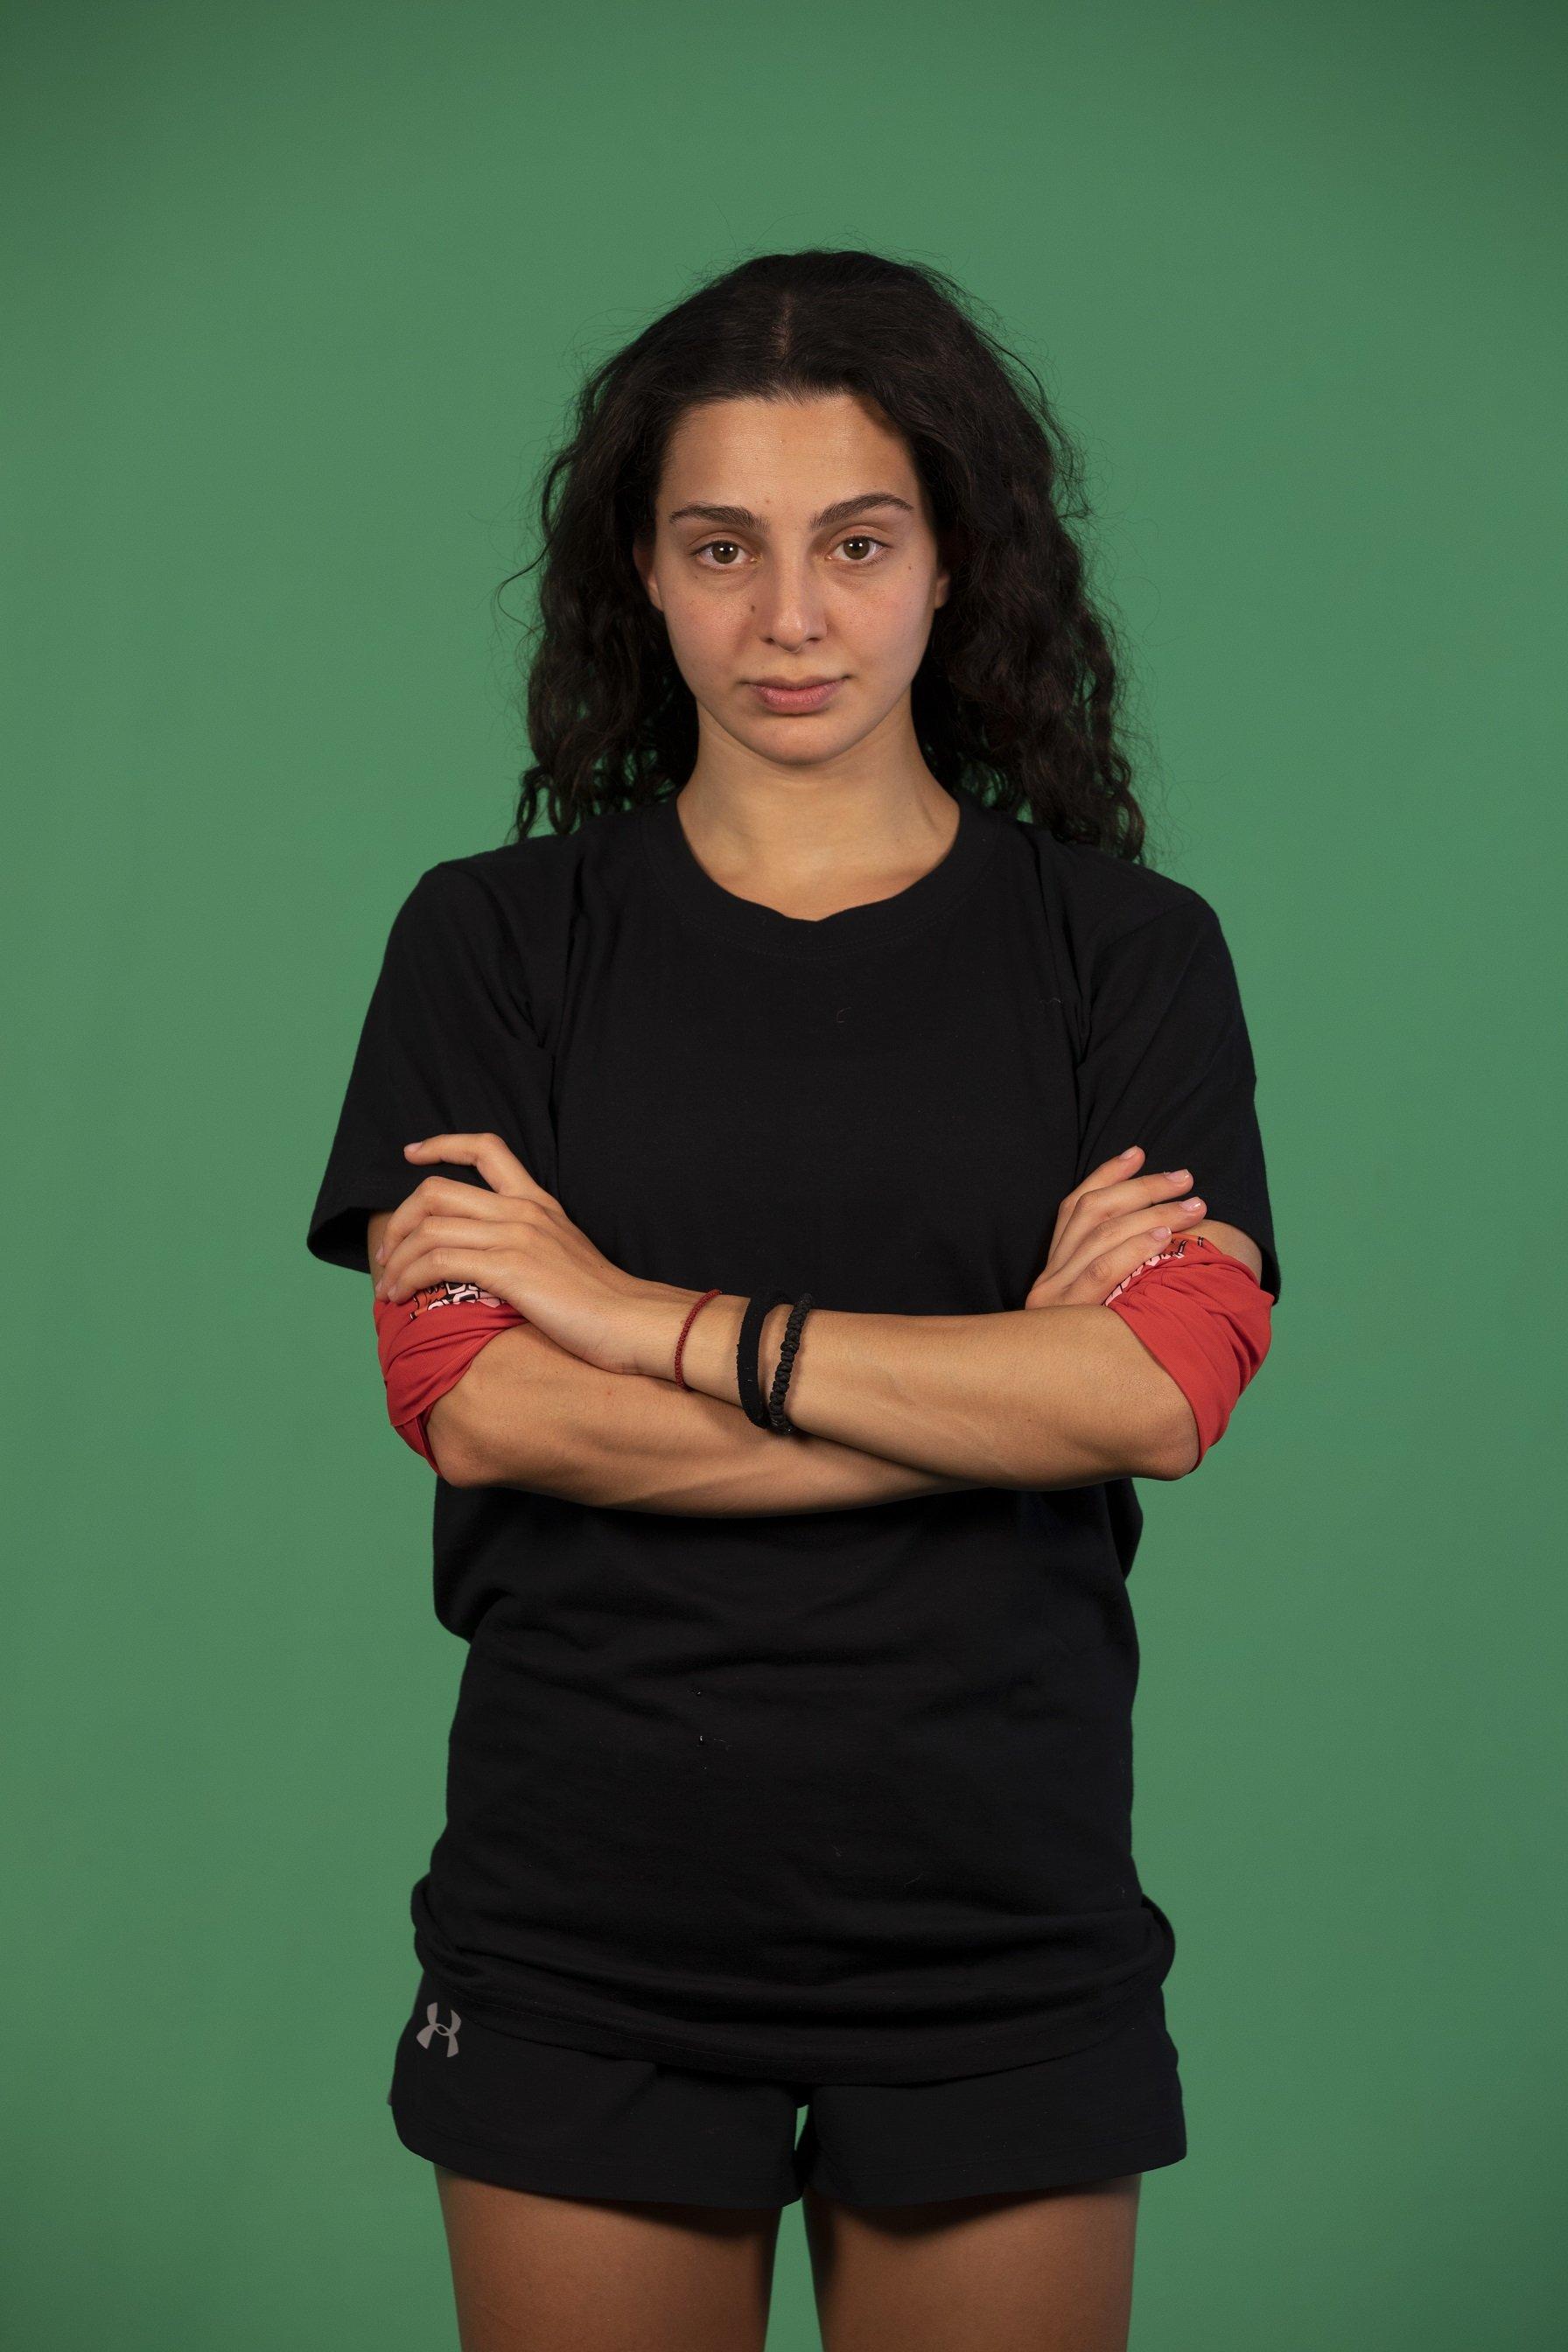 Νικολέτα Μαυρίδη: Η ηλικία, το ύψος της και η γυμναστική